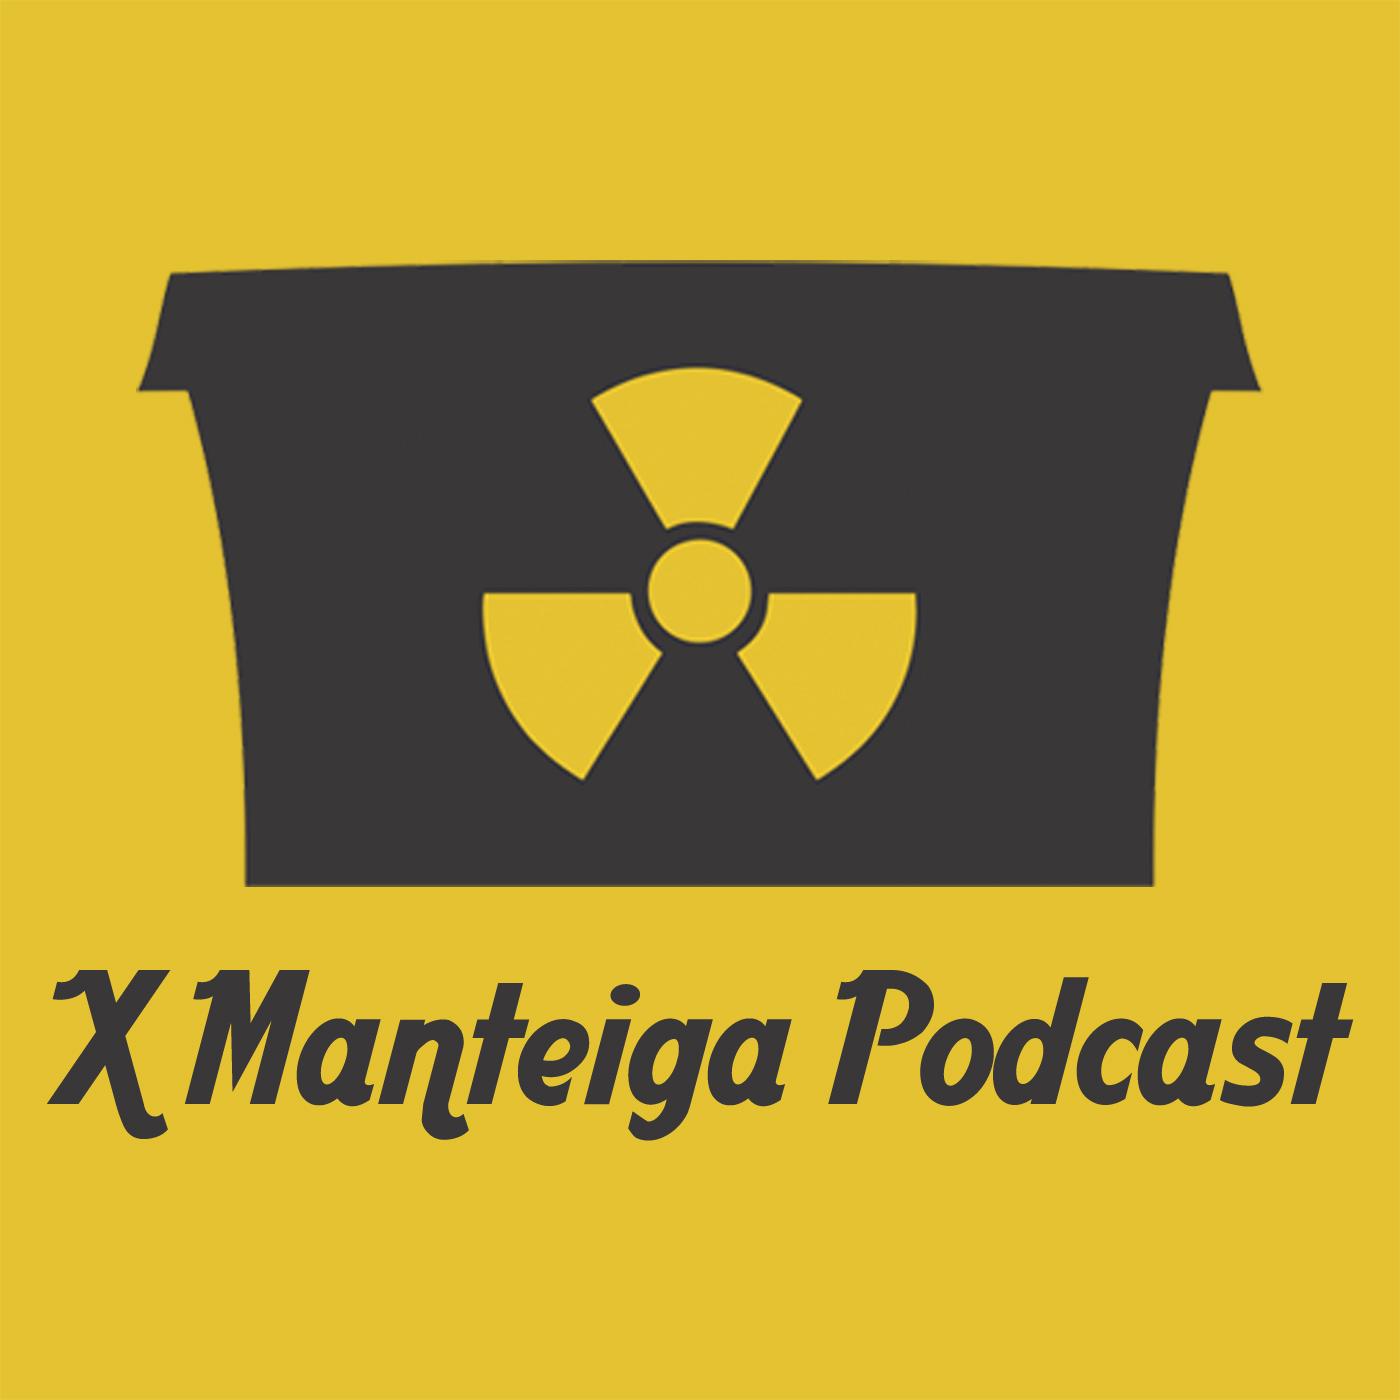 X-Manteiga